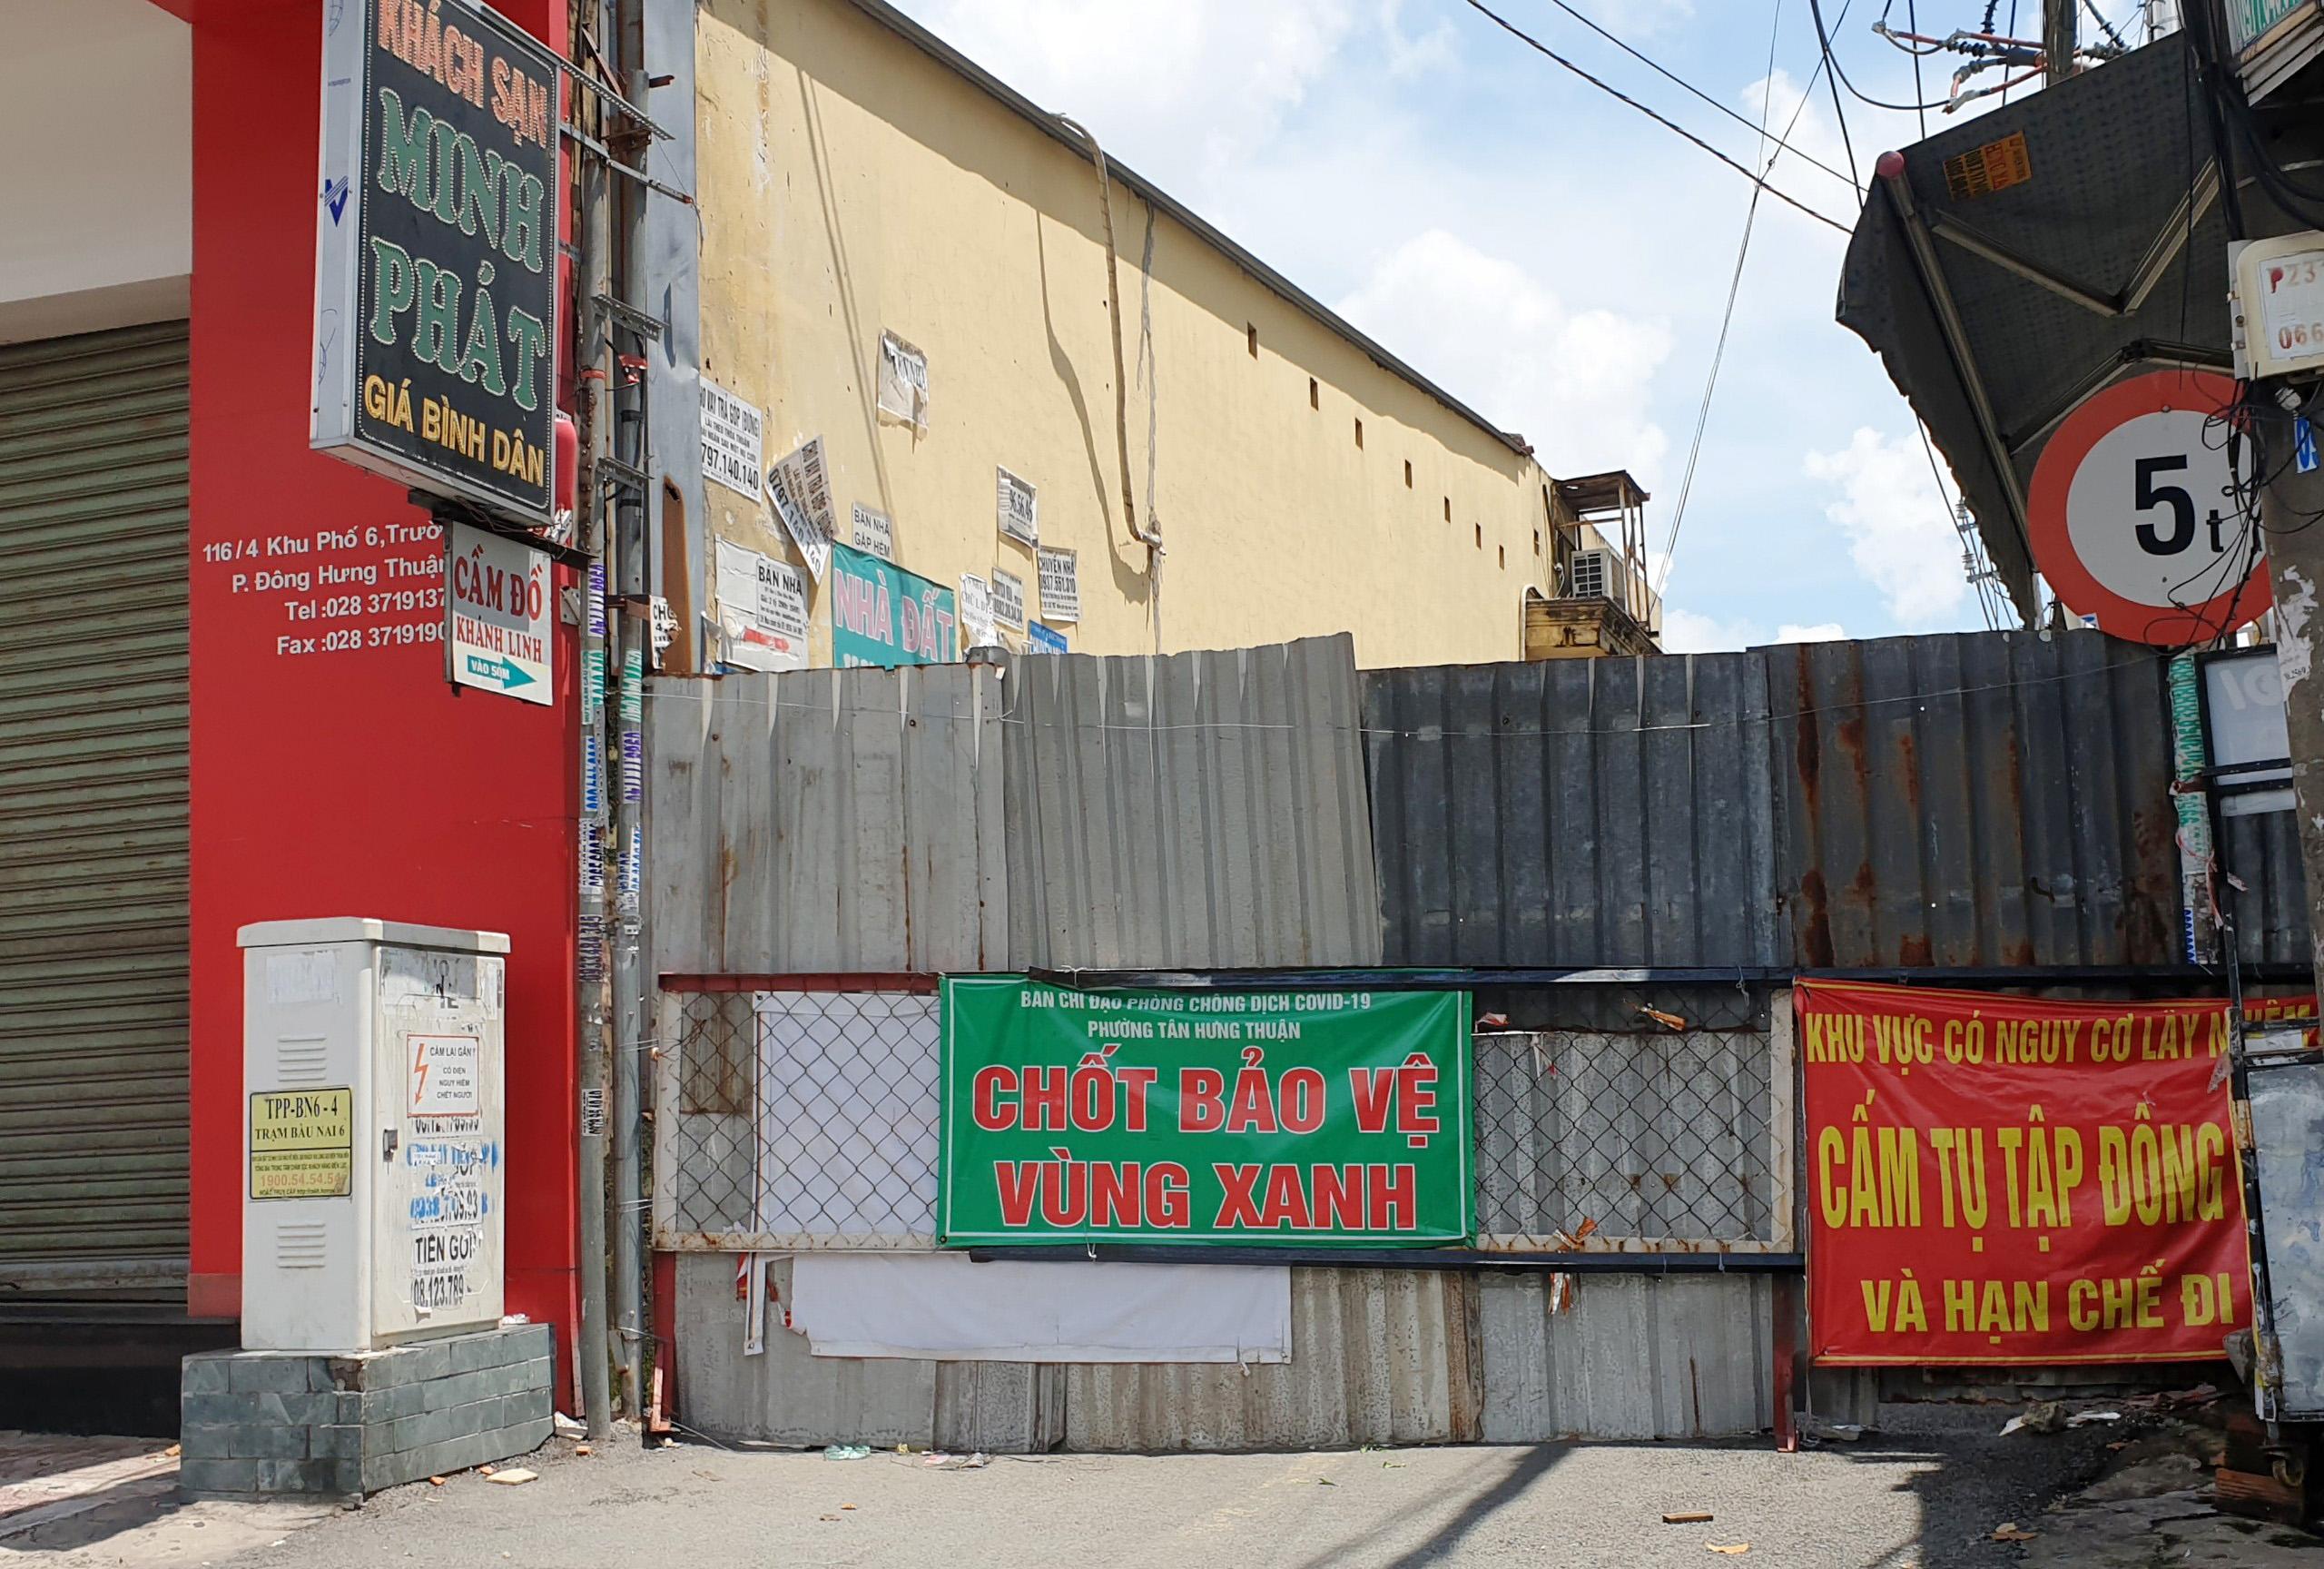 Cận cảnh những hàng rào chắn chống dịch ở TP.HCM sắp được gỡ bỏ - 6